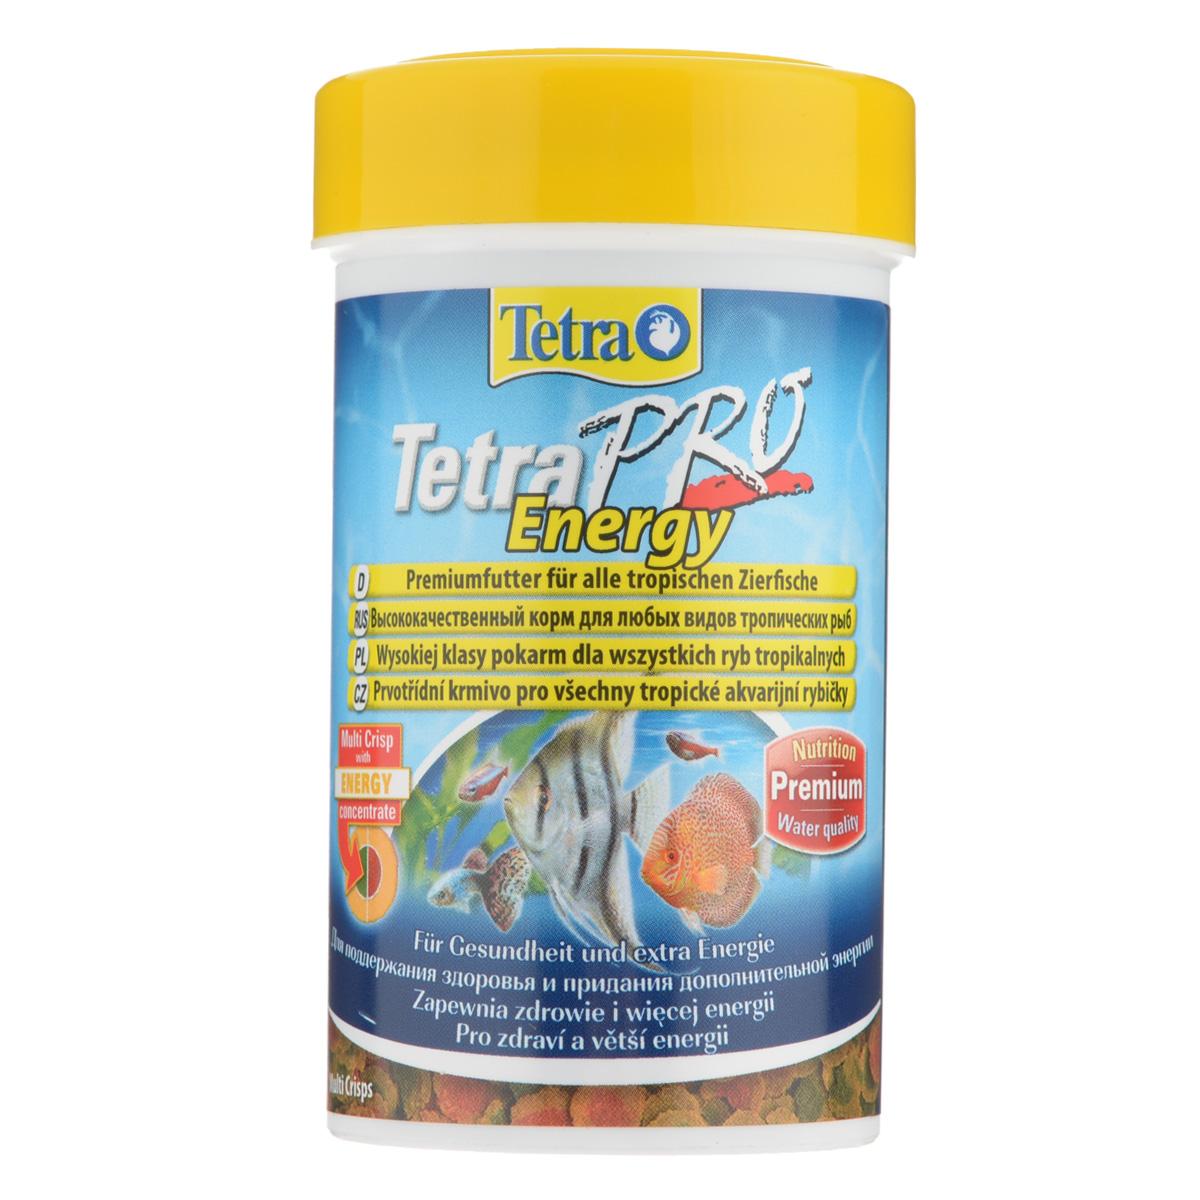 Полноценный_высококачественный_корм_Tetra_~TetraPro._Energy~_для_всех_видов_тропических_рыб_разработан_для_поддержания_здоровья_и_придания_дополнительной_энергии._Особенности_Tetra_~TetraPro._Energy~:-_щадящая_низкотемпературная_технология_изготовления_обеспечивает_высокую_питательную_ценность_и_стабильность_витаминов;-_энергетический_концентрат_для_дополнительной_энергии;-_инновационная_форма_чипсов_для_минимального_загрязнения_воды_отходами;_-_легкое_кормление._Рекомендации_по_кормлению:_кормить_несколько_раз_в_день_маленькими_порциями._Состав:_рыба_и_побочные_рыбные_продукты,_зерновые_культуры,_экстракты_растительного_белка,_дрожжи,_моллюски_и_раки,_масла_и_жиры,_водоросли,_сахар.Аналитические_компоненты:_сырой_белок_-_46%25,_сырые_масла_и_жиры_-_12%25,_сырая_клетчатка_-_2,0%25,_влага_-_9%25.Добавки:_витамины,_провитамины_и_химические_вещества_с_аналогичным_воздействием:_витамин_А_29880_МЕ/кг,_витамин_Д3_1865_МЕ/кг,_Л-карнитин_123_мг/кг._Комбинации_элементов:_Е5_Марганец_67_мг/кг,_Е6_Цинк_40_мг/кг,_Е1_Железо_26_мг/кг,_Е3_Кобальт_0,6_мг/кг._Красители,_консерванты,_антиоксиданты._Товар_сертифицирован.